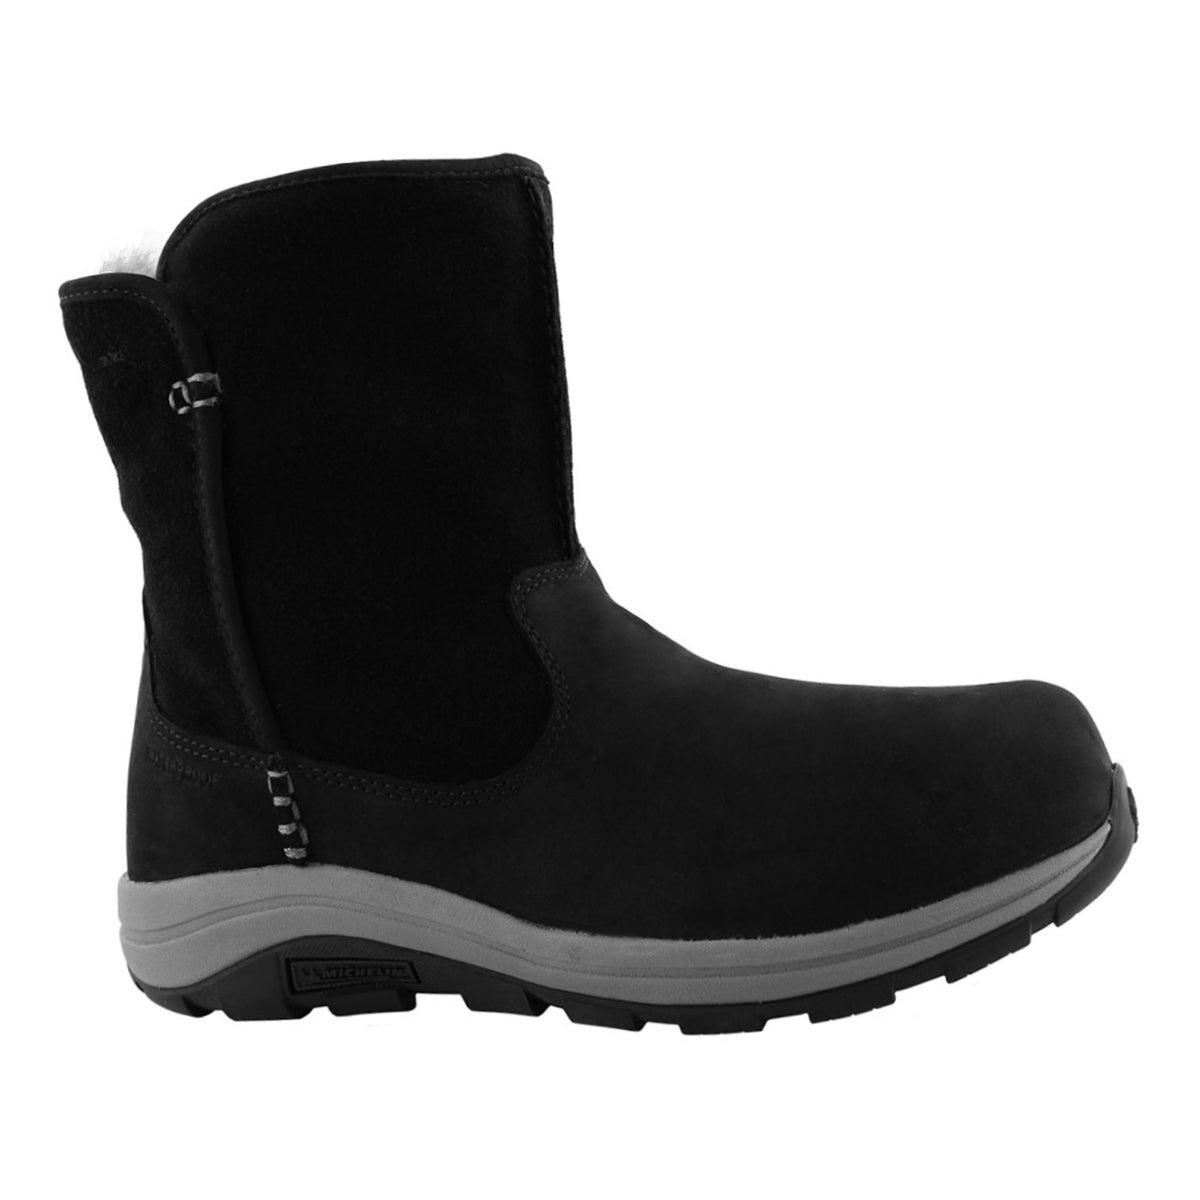 Lds BangorSlip OmniHeat blk winter boot